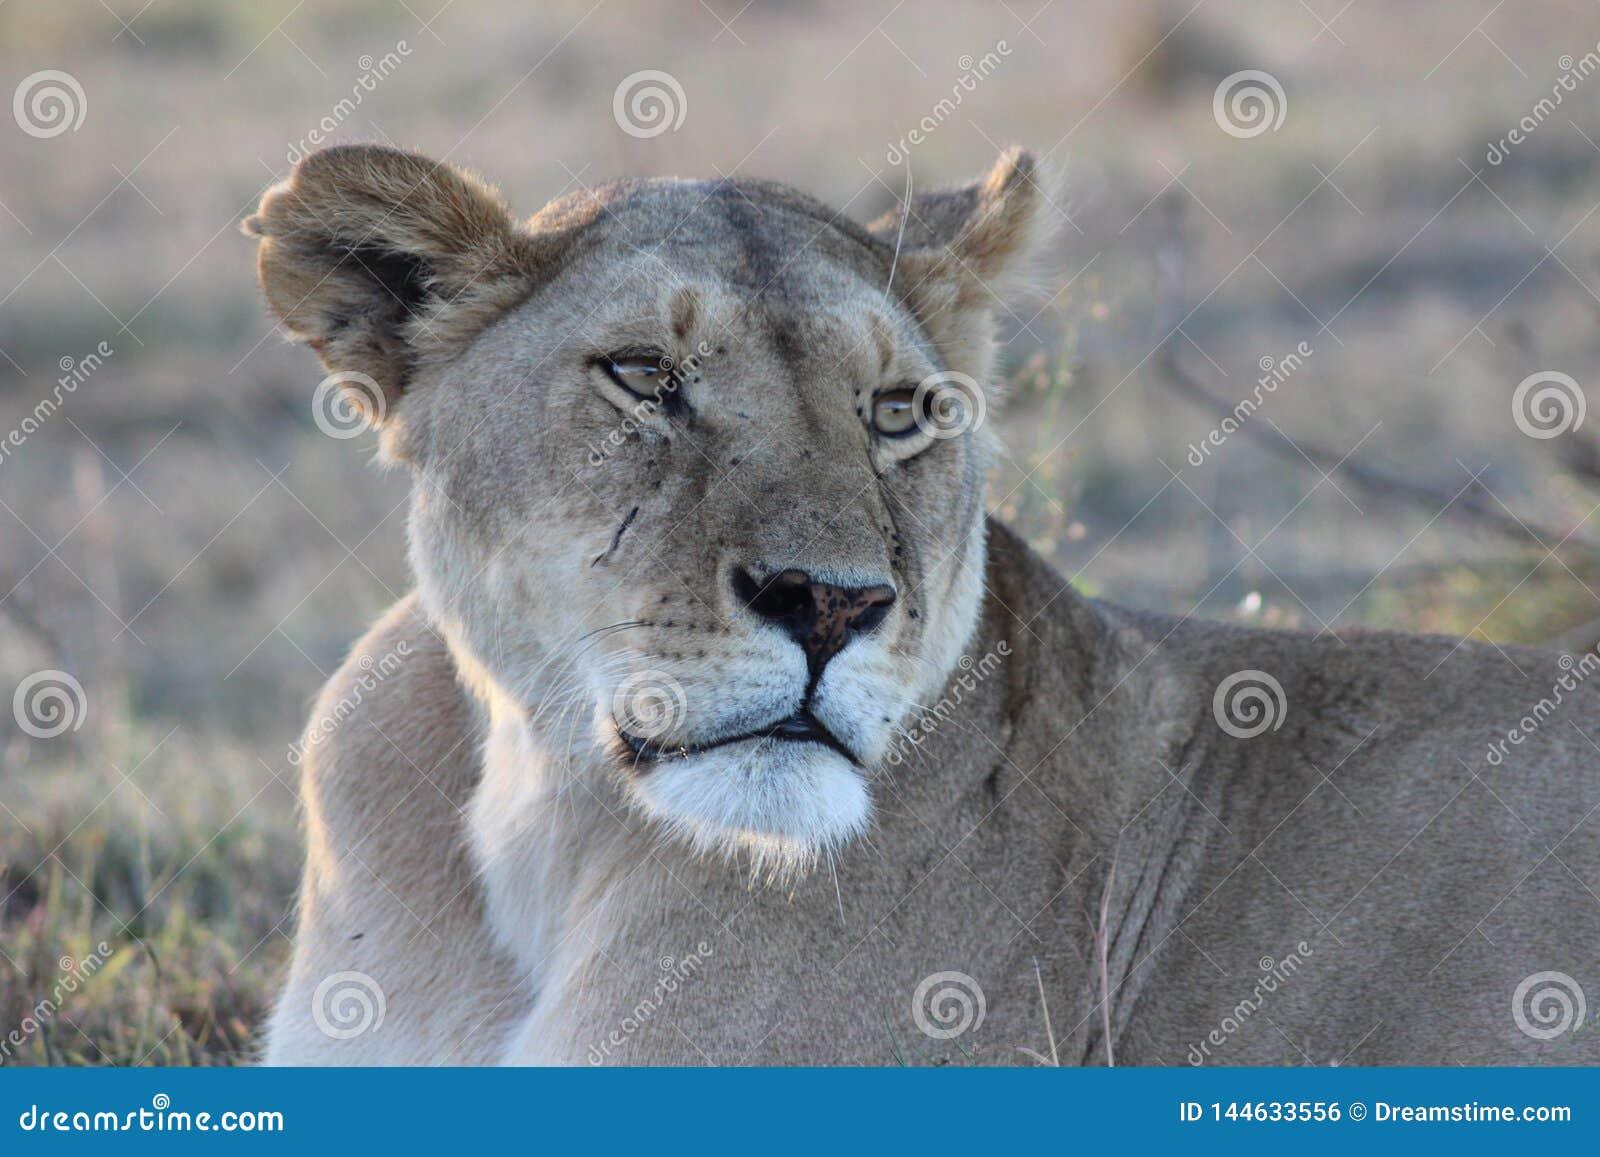 Löwin, die am Nachmittag stillsteht und schaut